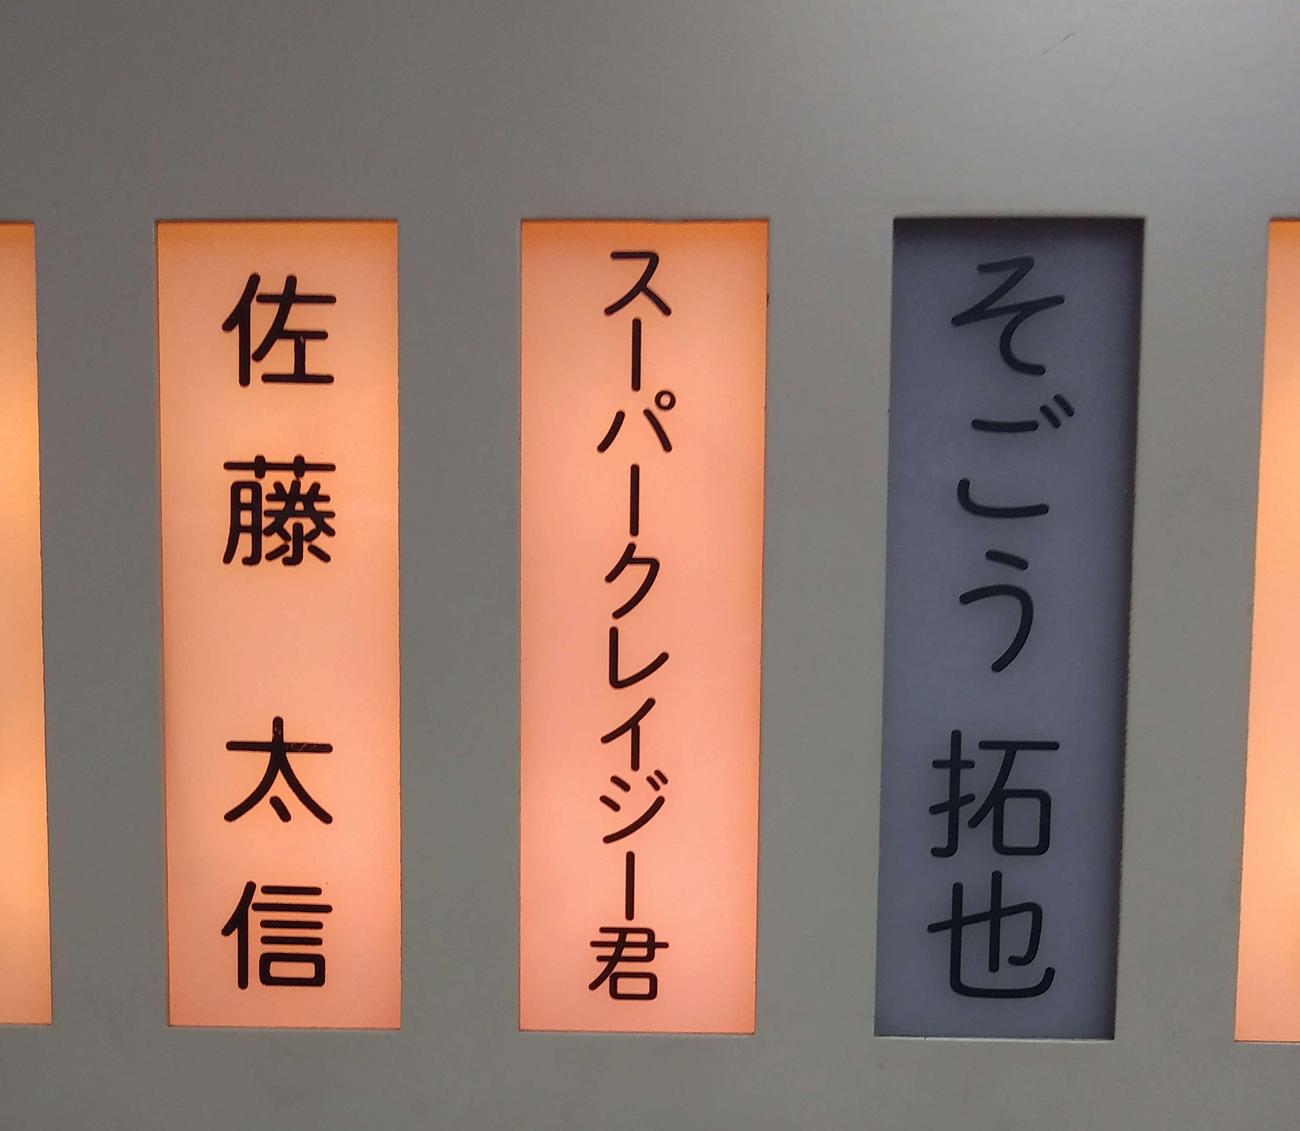 君 戸田 クレイジー 市 スーパー